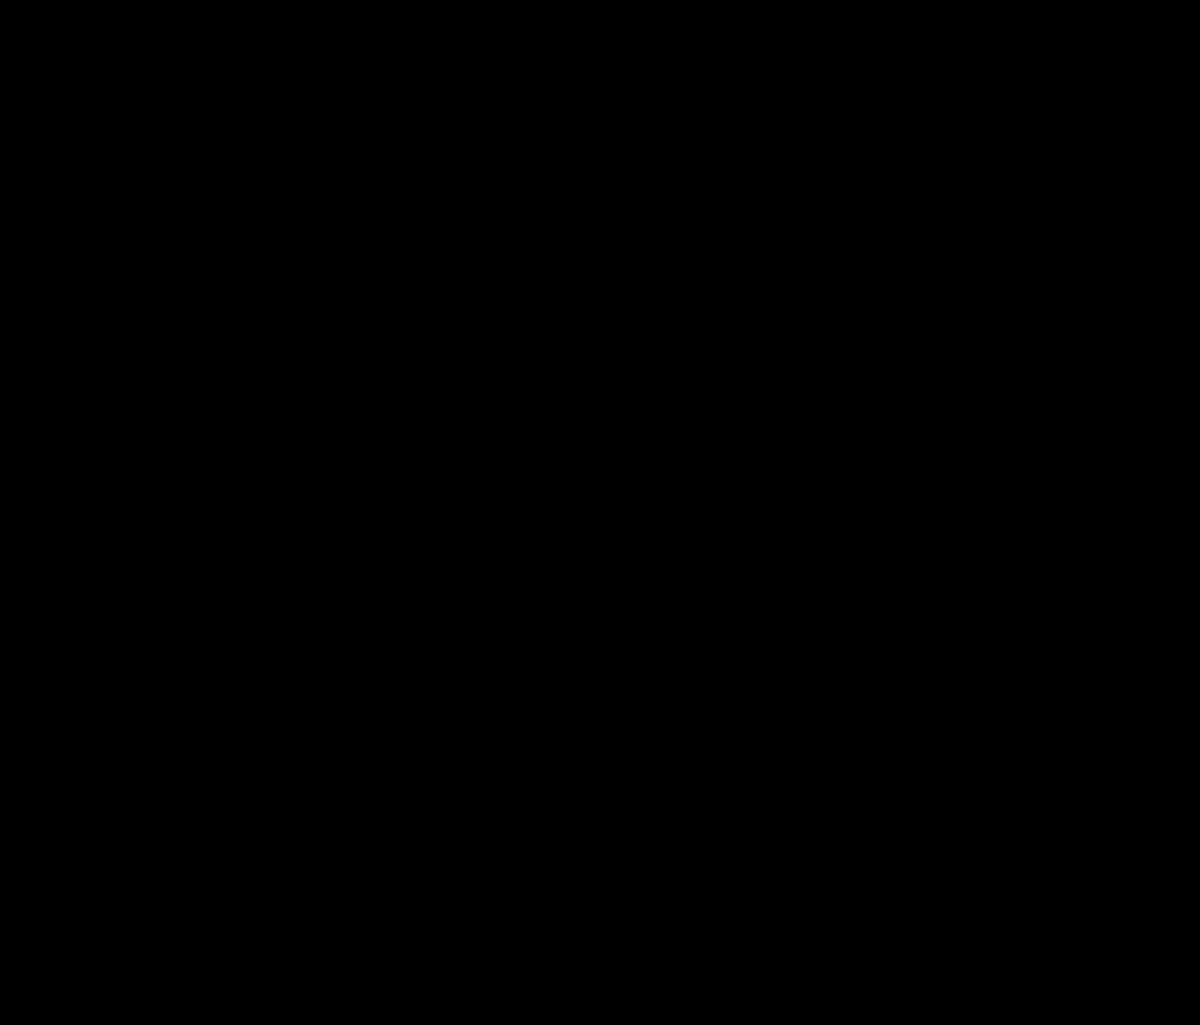 Структурная формула этилового спирта